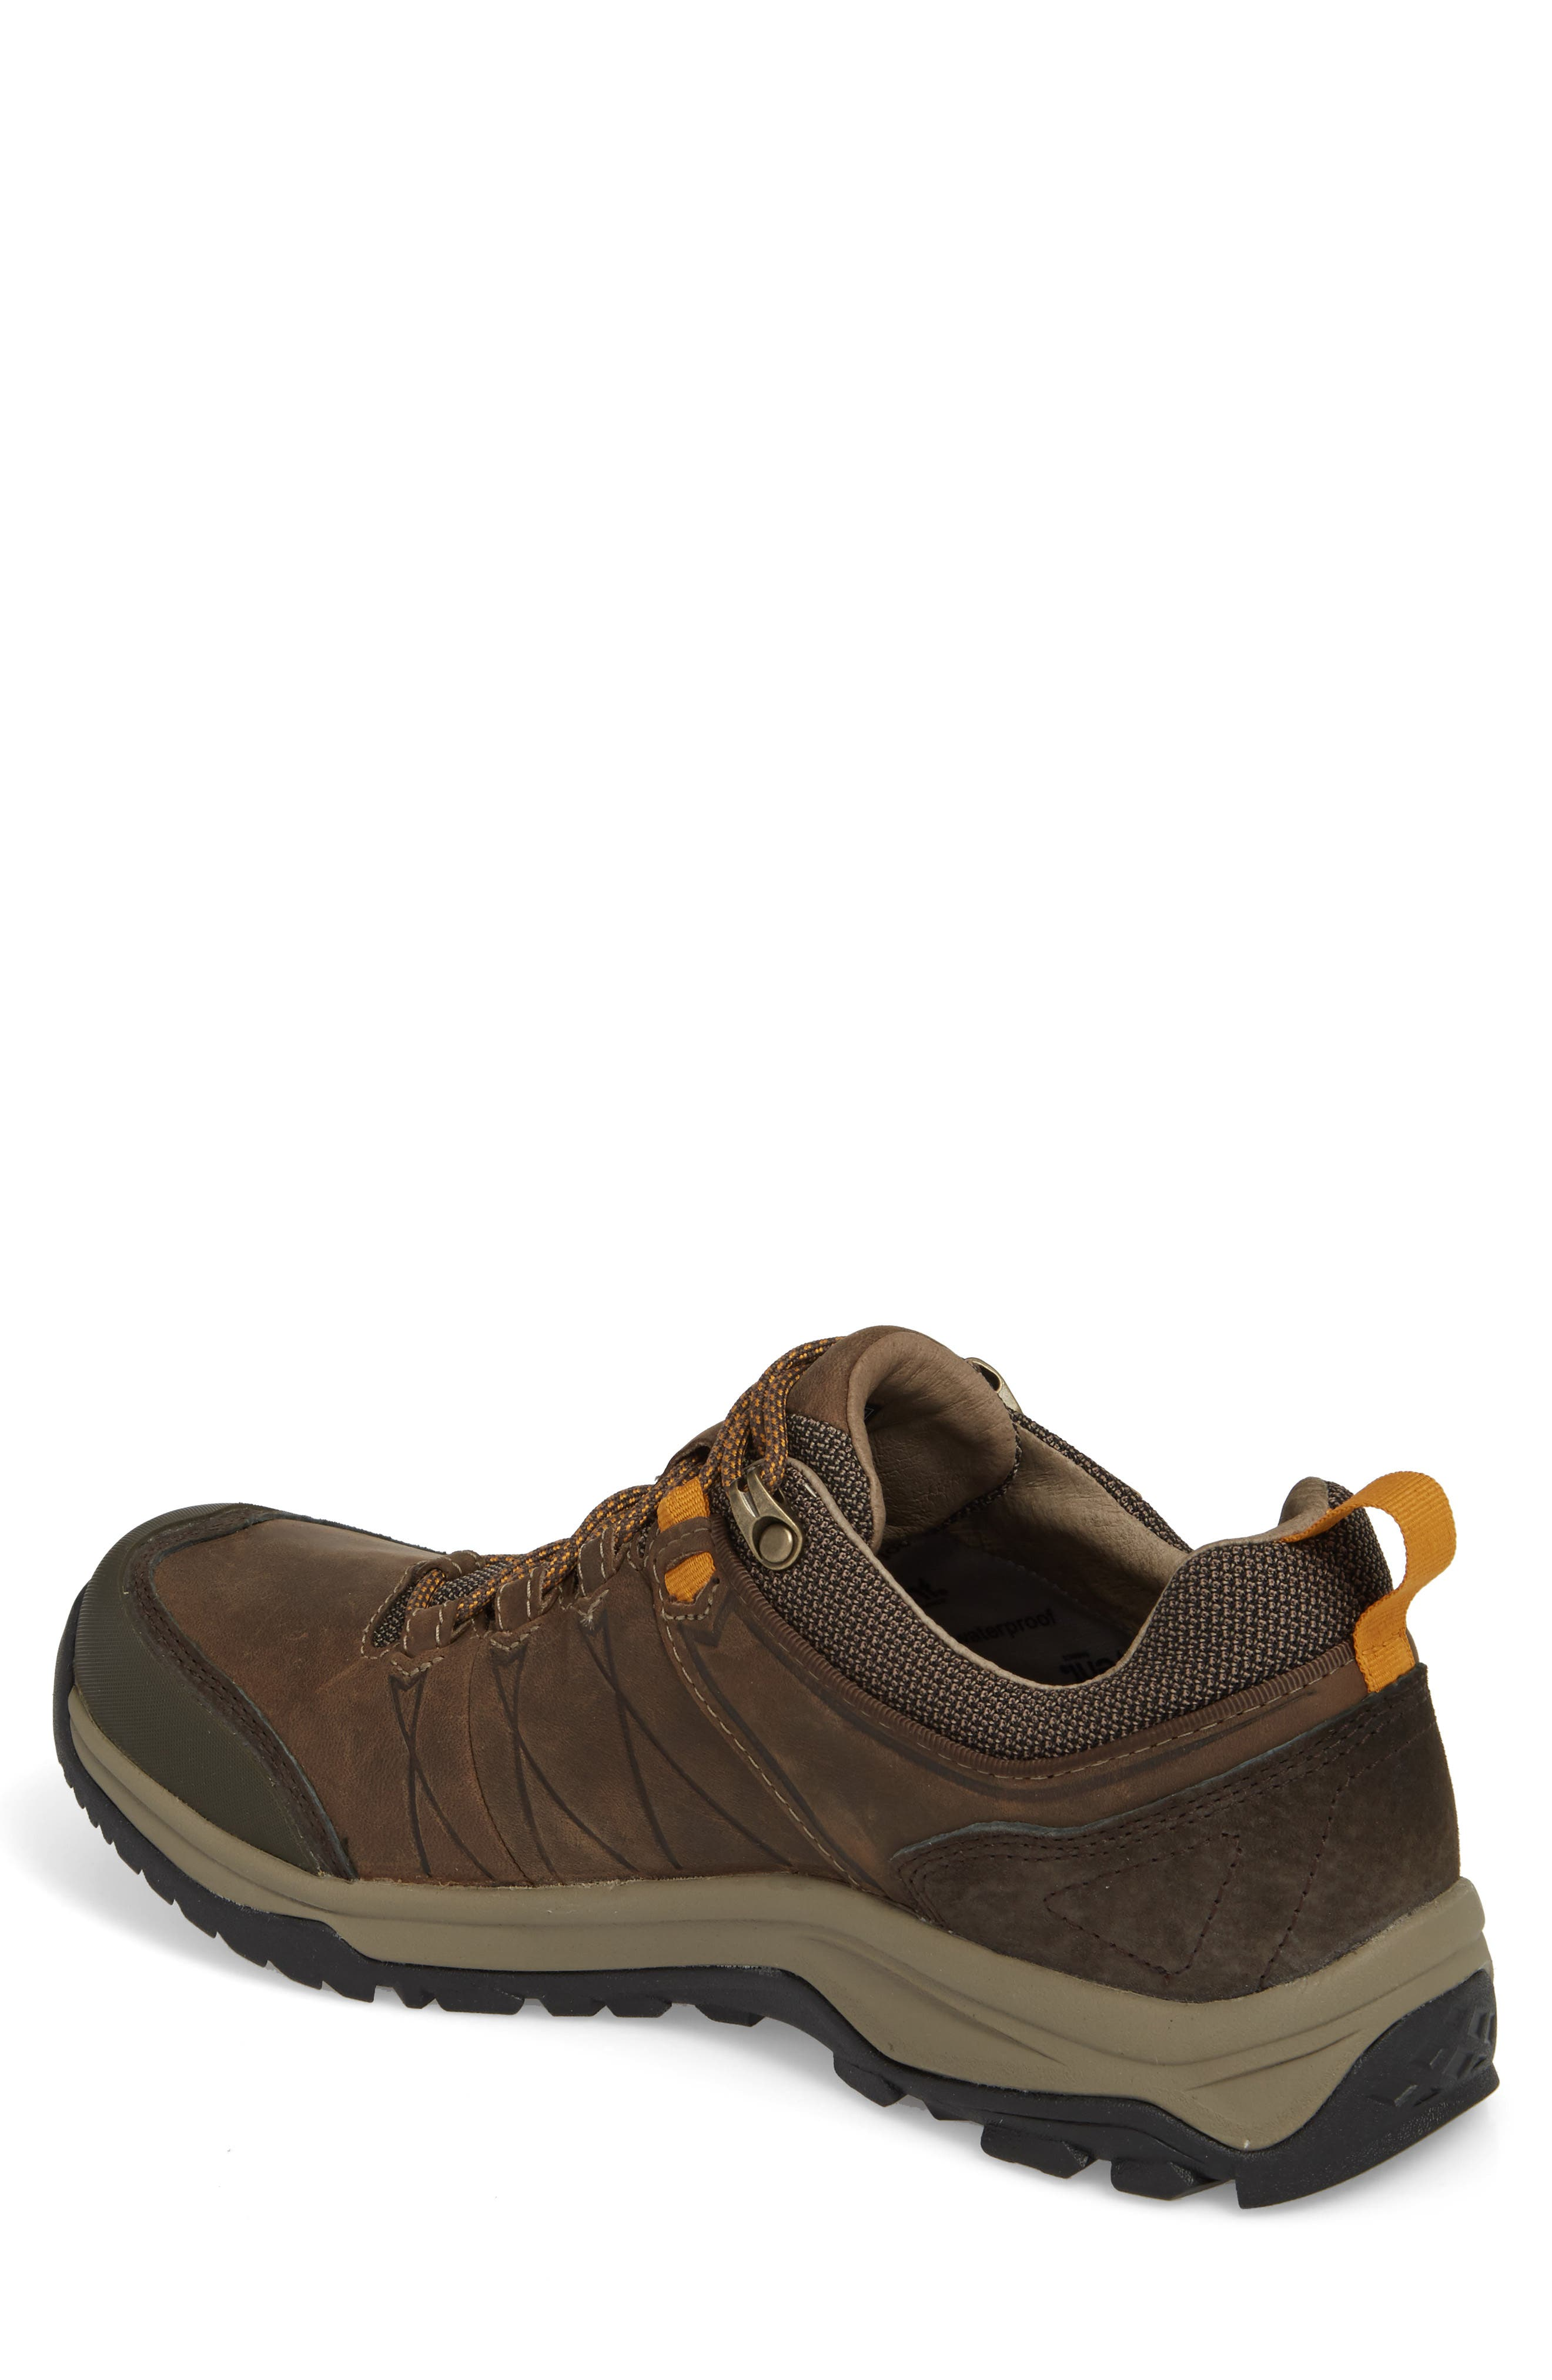 Arrowood Riva Waterproof Sneaker,                             Alternate thumbnail 2, color,                             WALNUT LEATHER